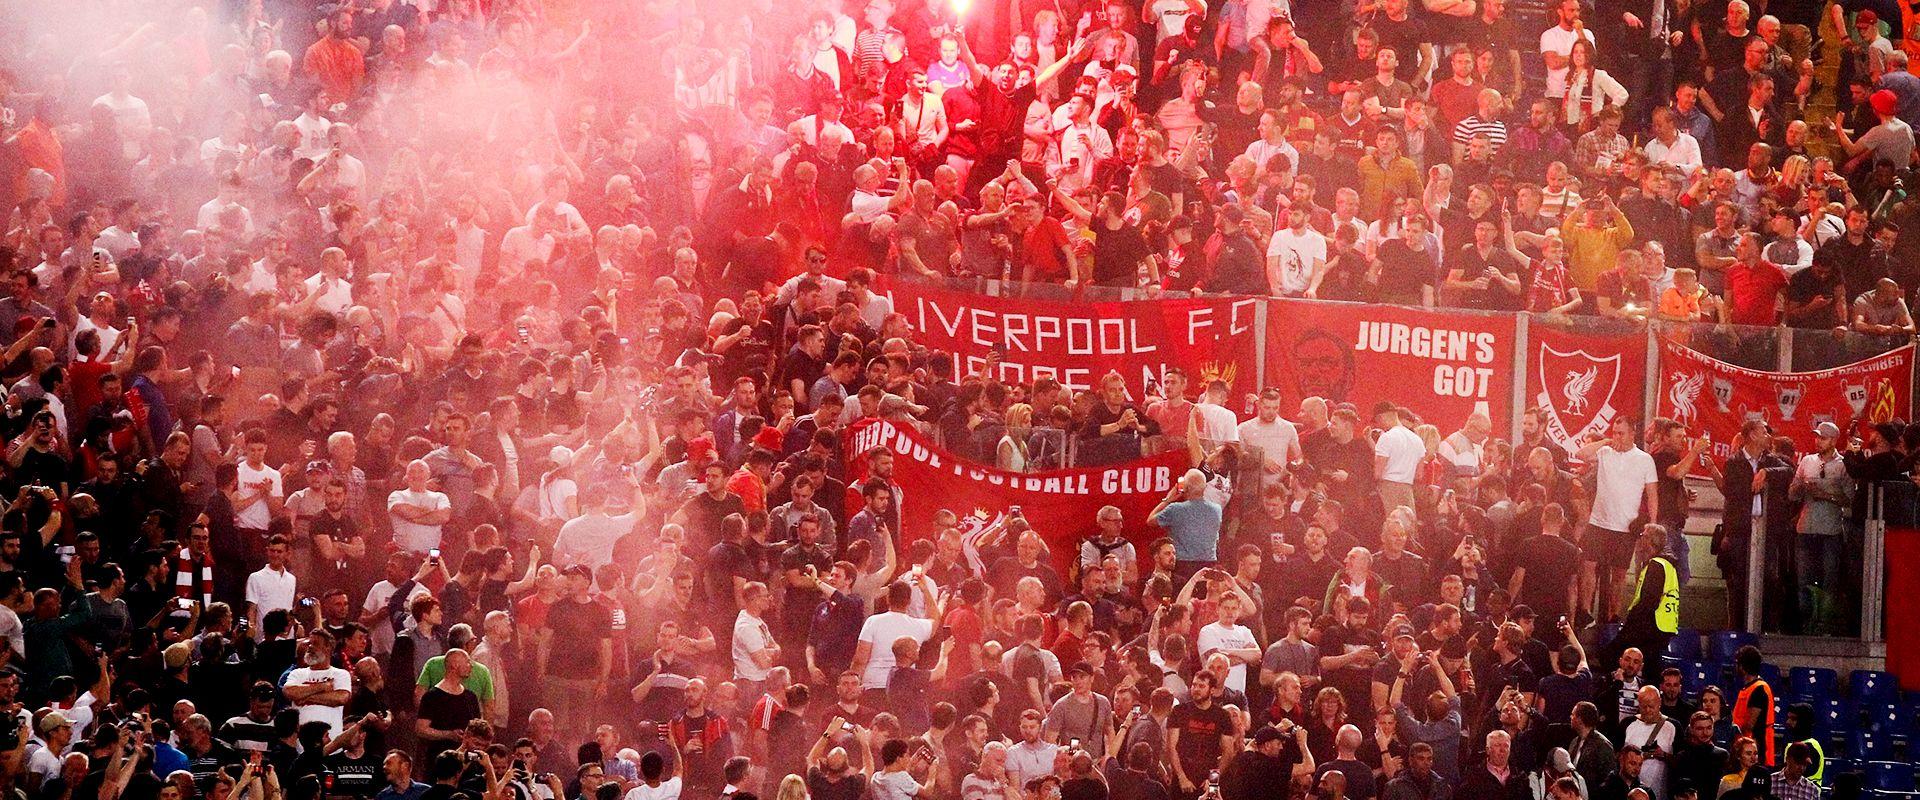 אוהדים של ליברפול / צילום: שאטרסטוק